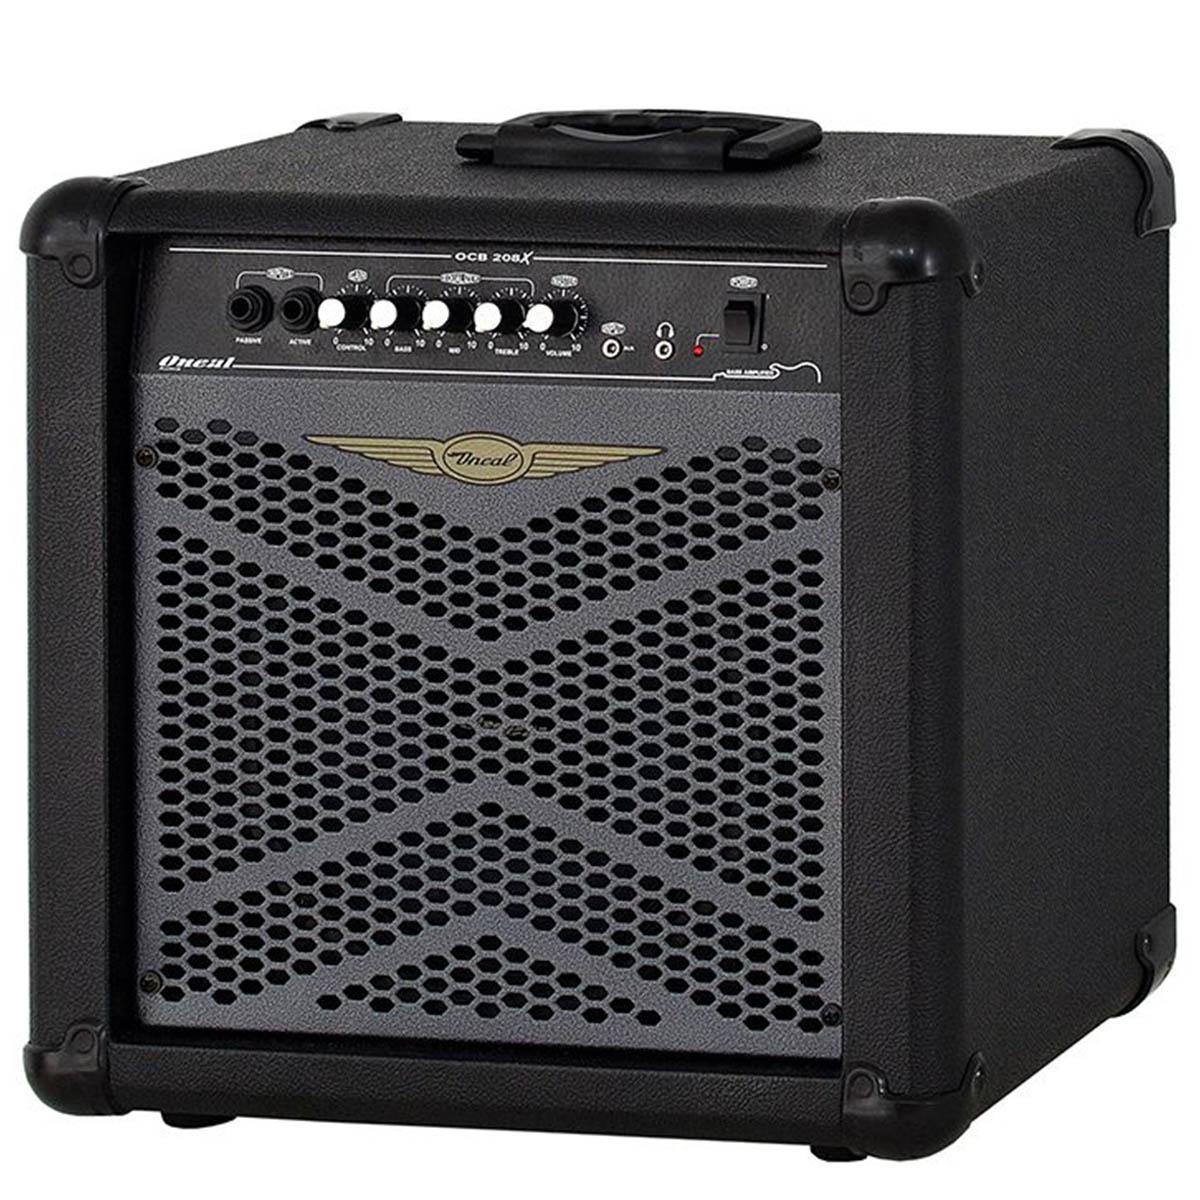 Cubo Amplificador Contrabaixo Oneal OCB 208 X